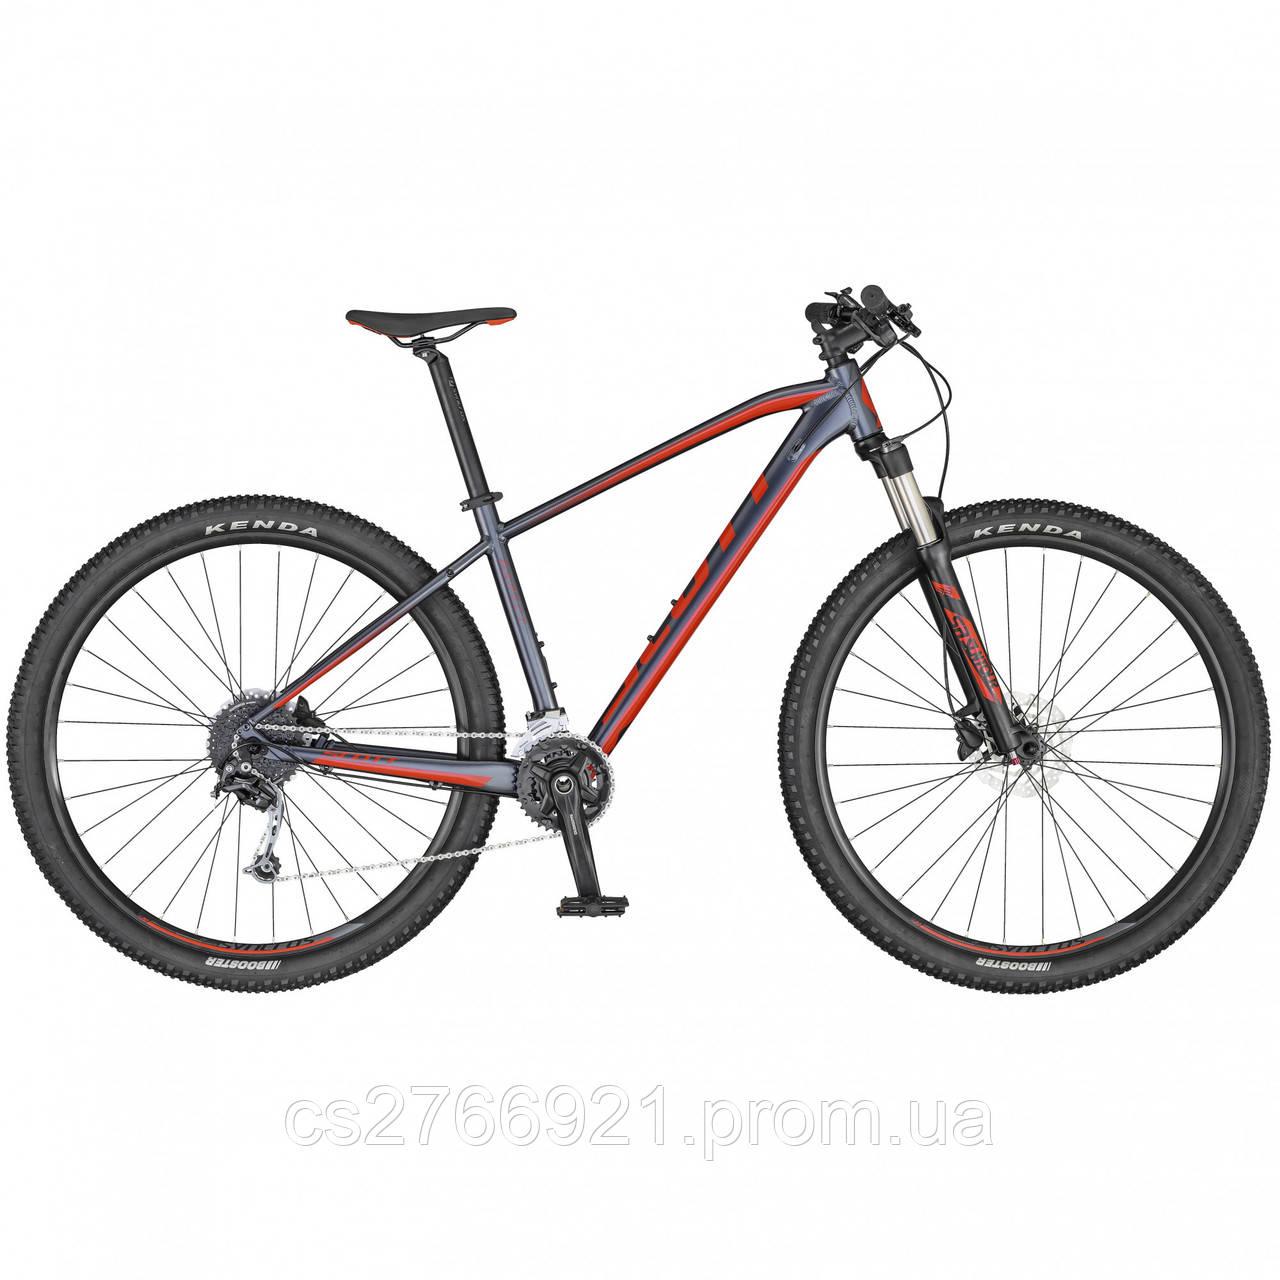 Велосипед ASPECT 740 серо/красный (CN) 20 SCOTT